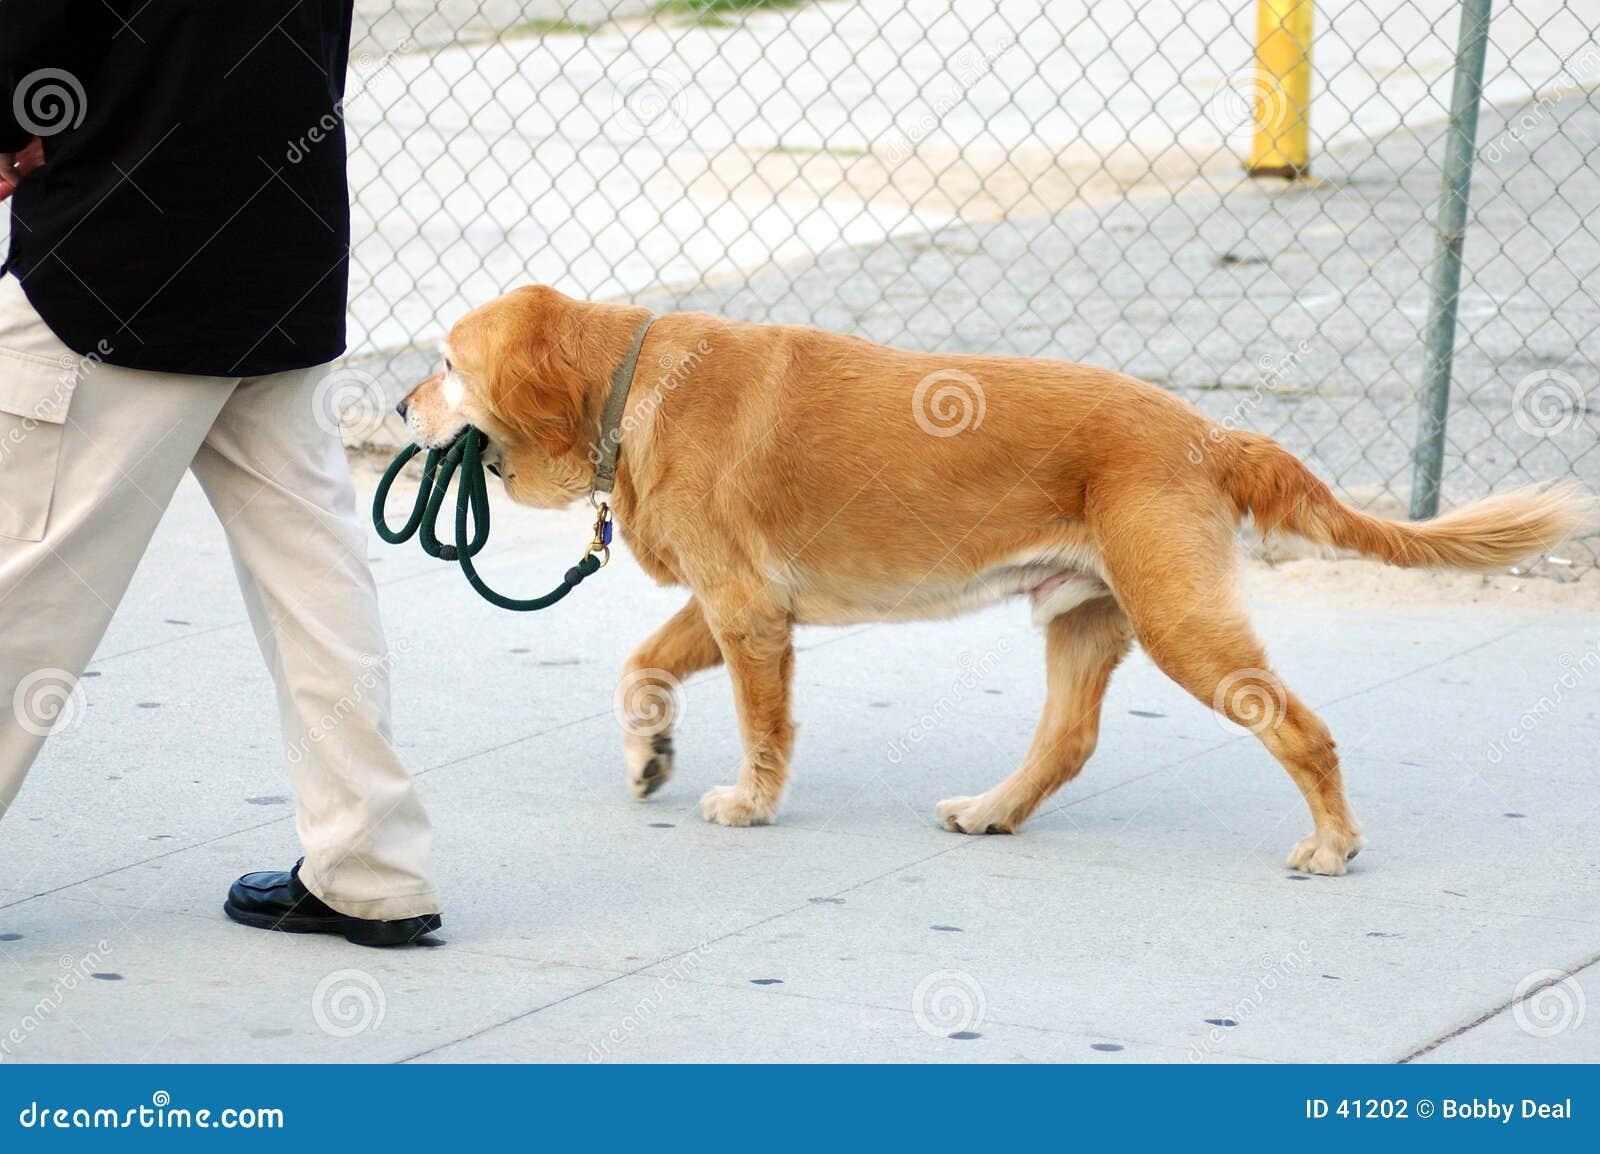 Independent Dog